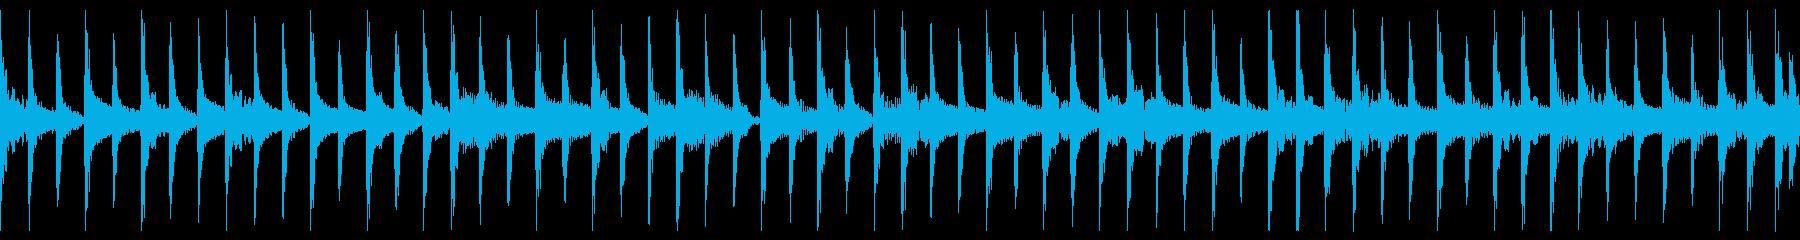 ミュートギターのループの再生済みの波形